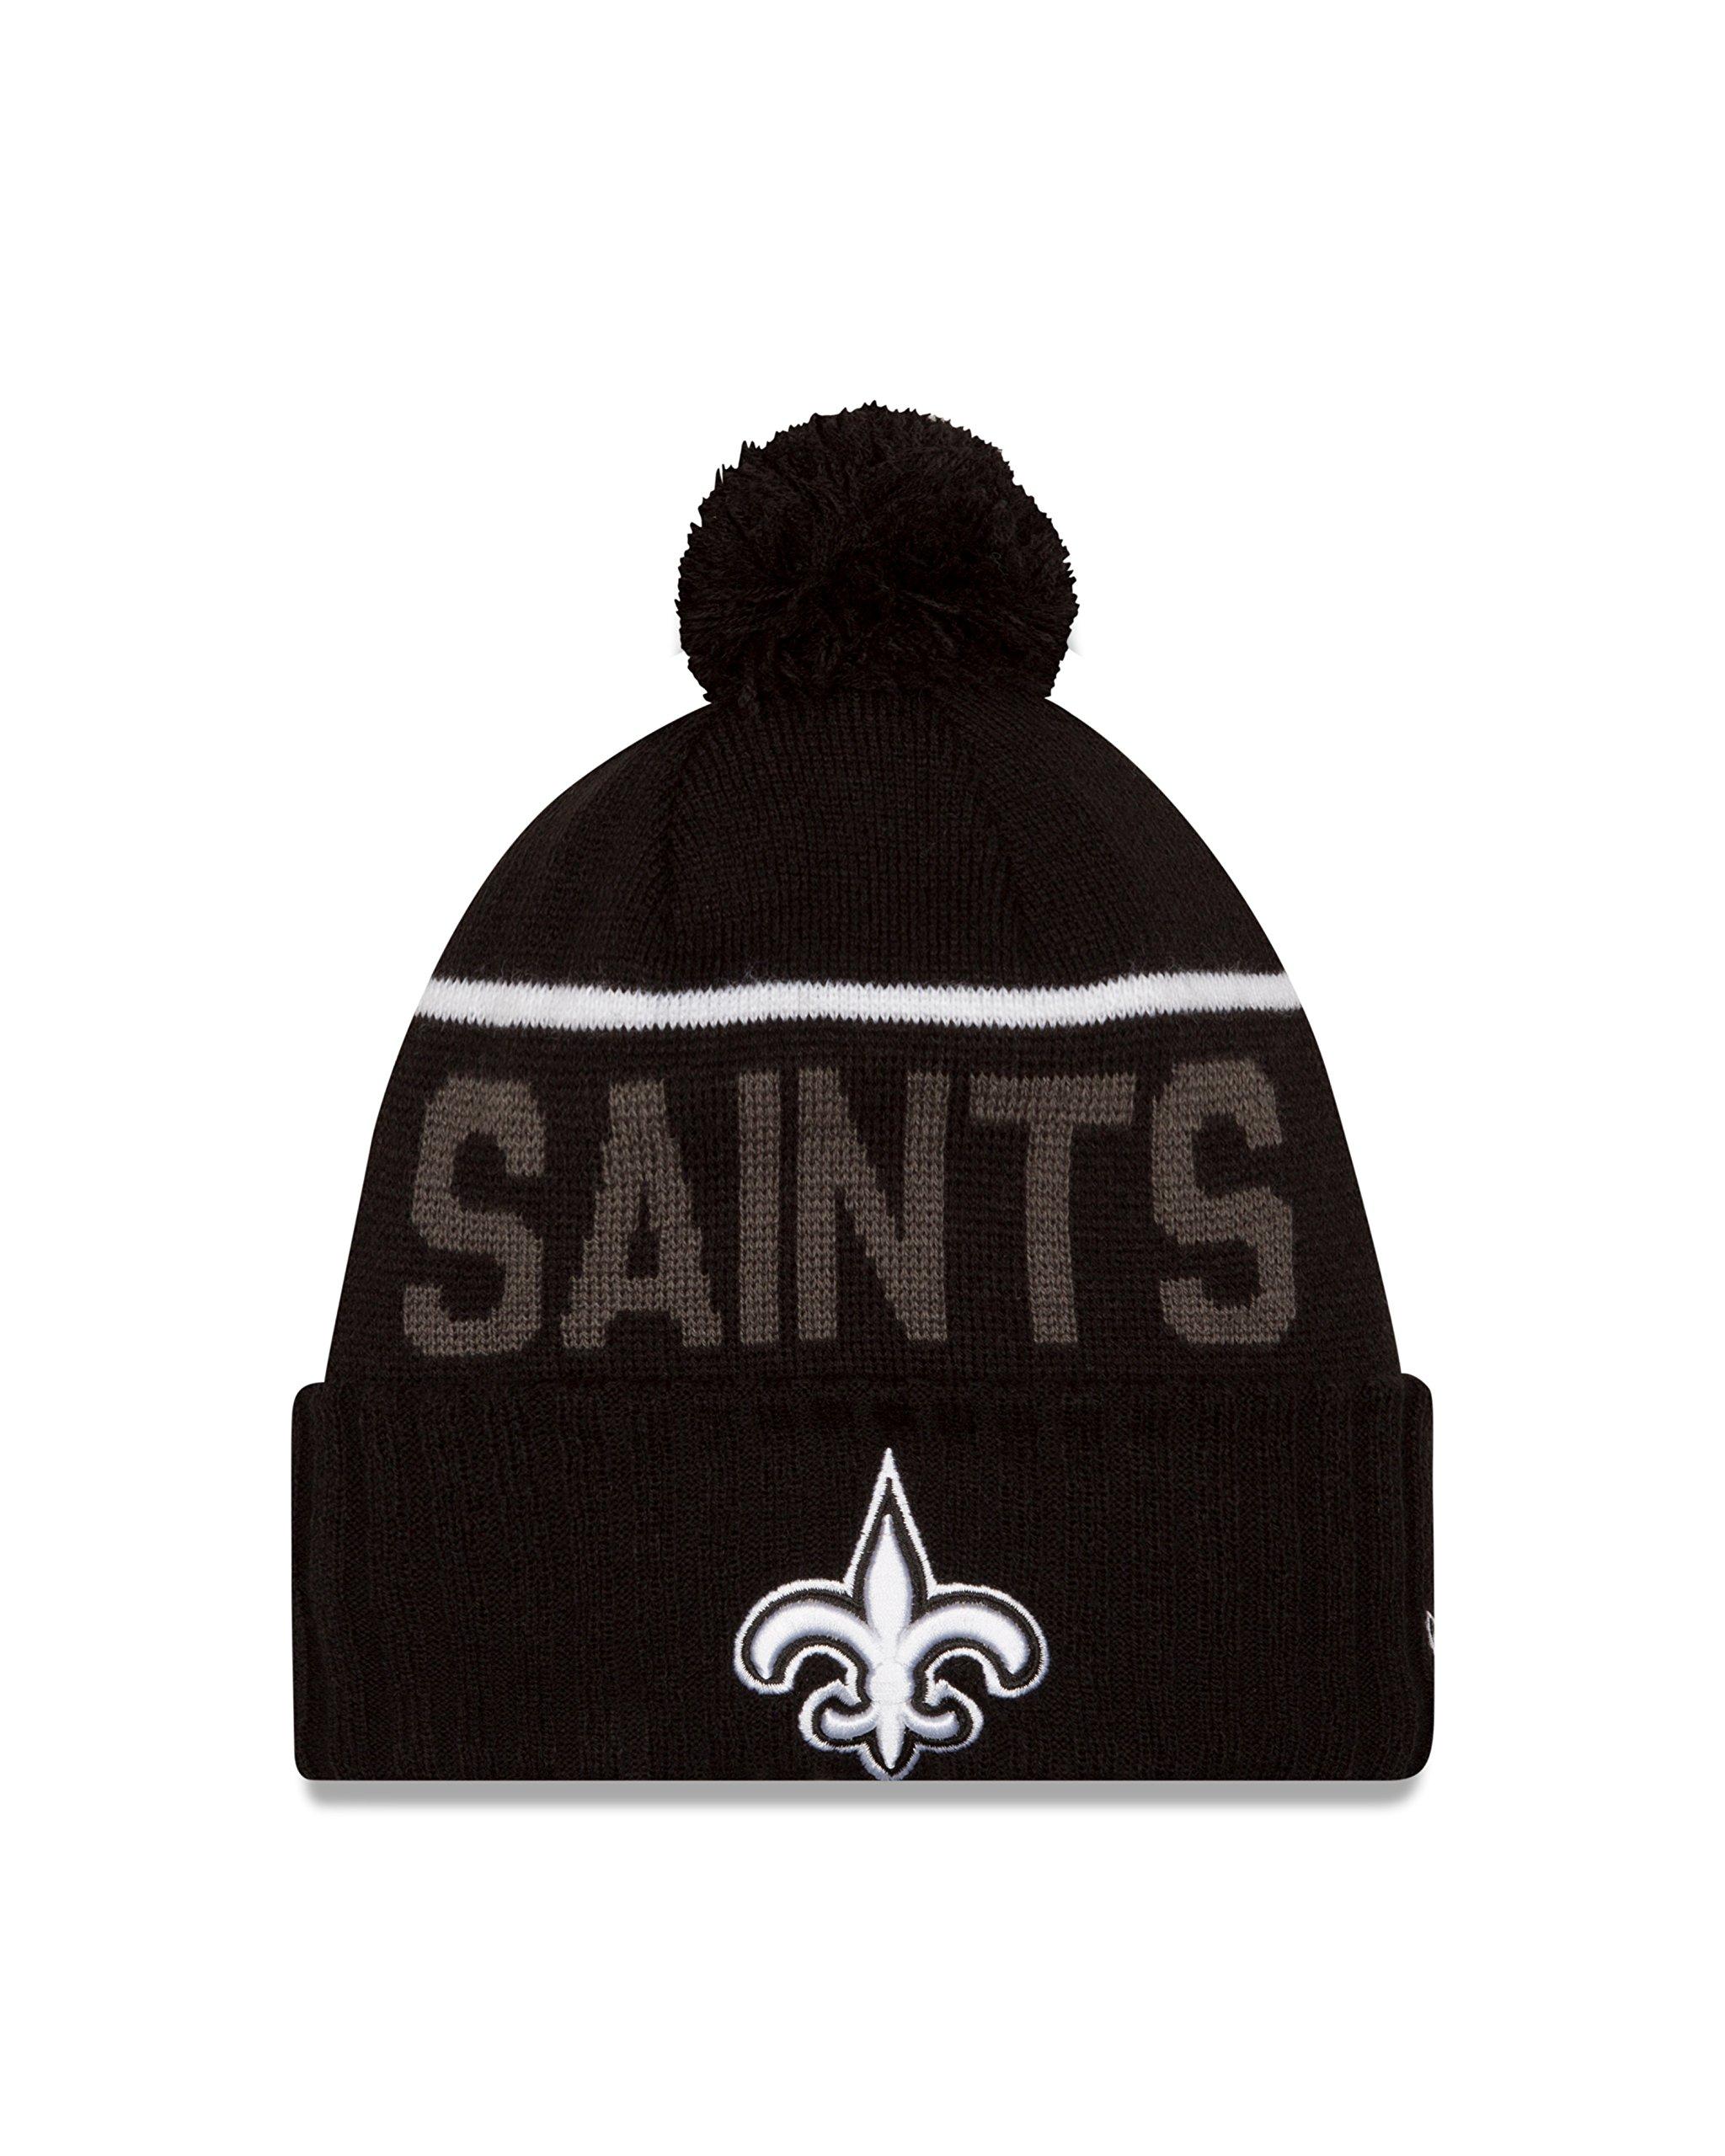 NFL New Orleans Saints 2015 Sport Knit, Black, One Size